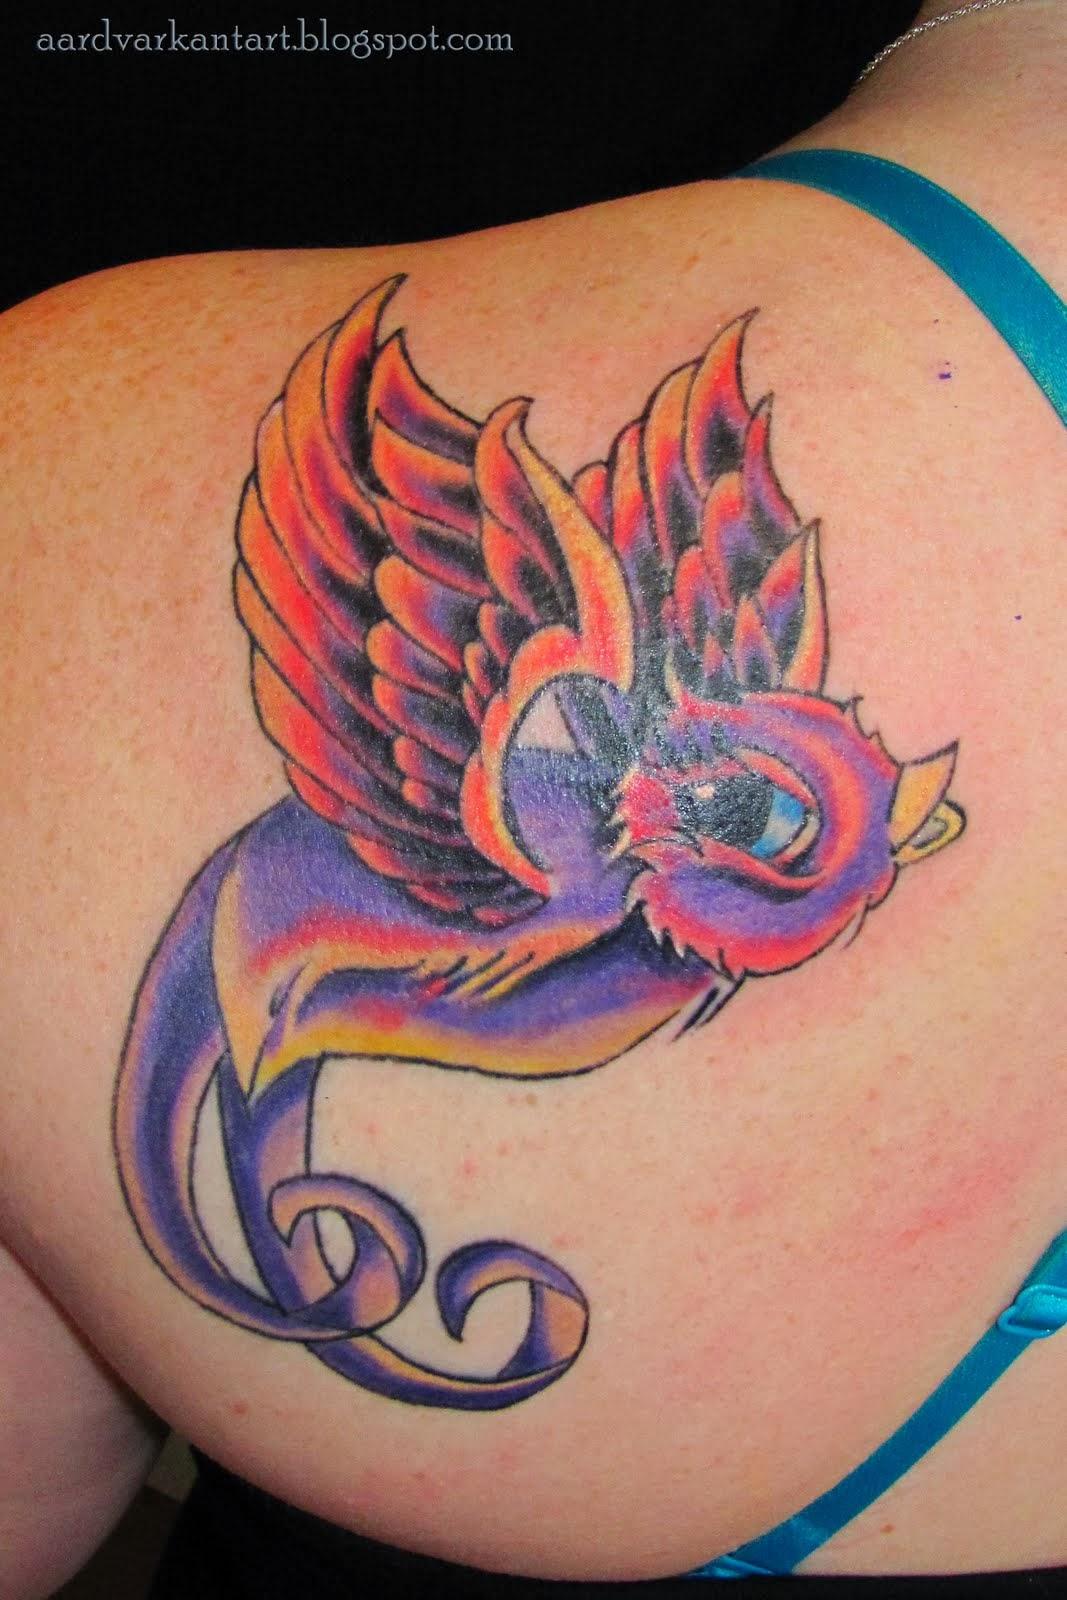 tattooz designs purple tattoos designs purple tattoos roses. Black Bedroom Furniture Sets. Home Design Ideas